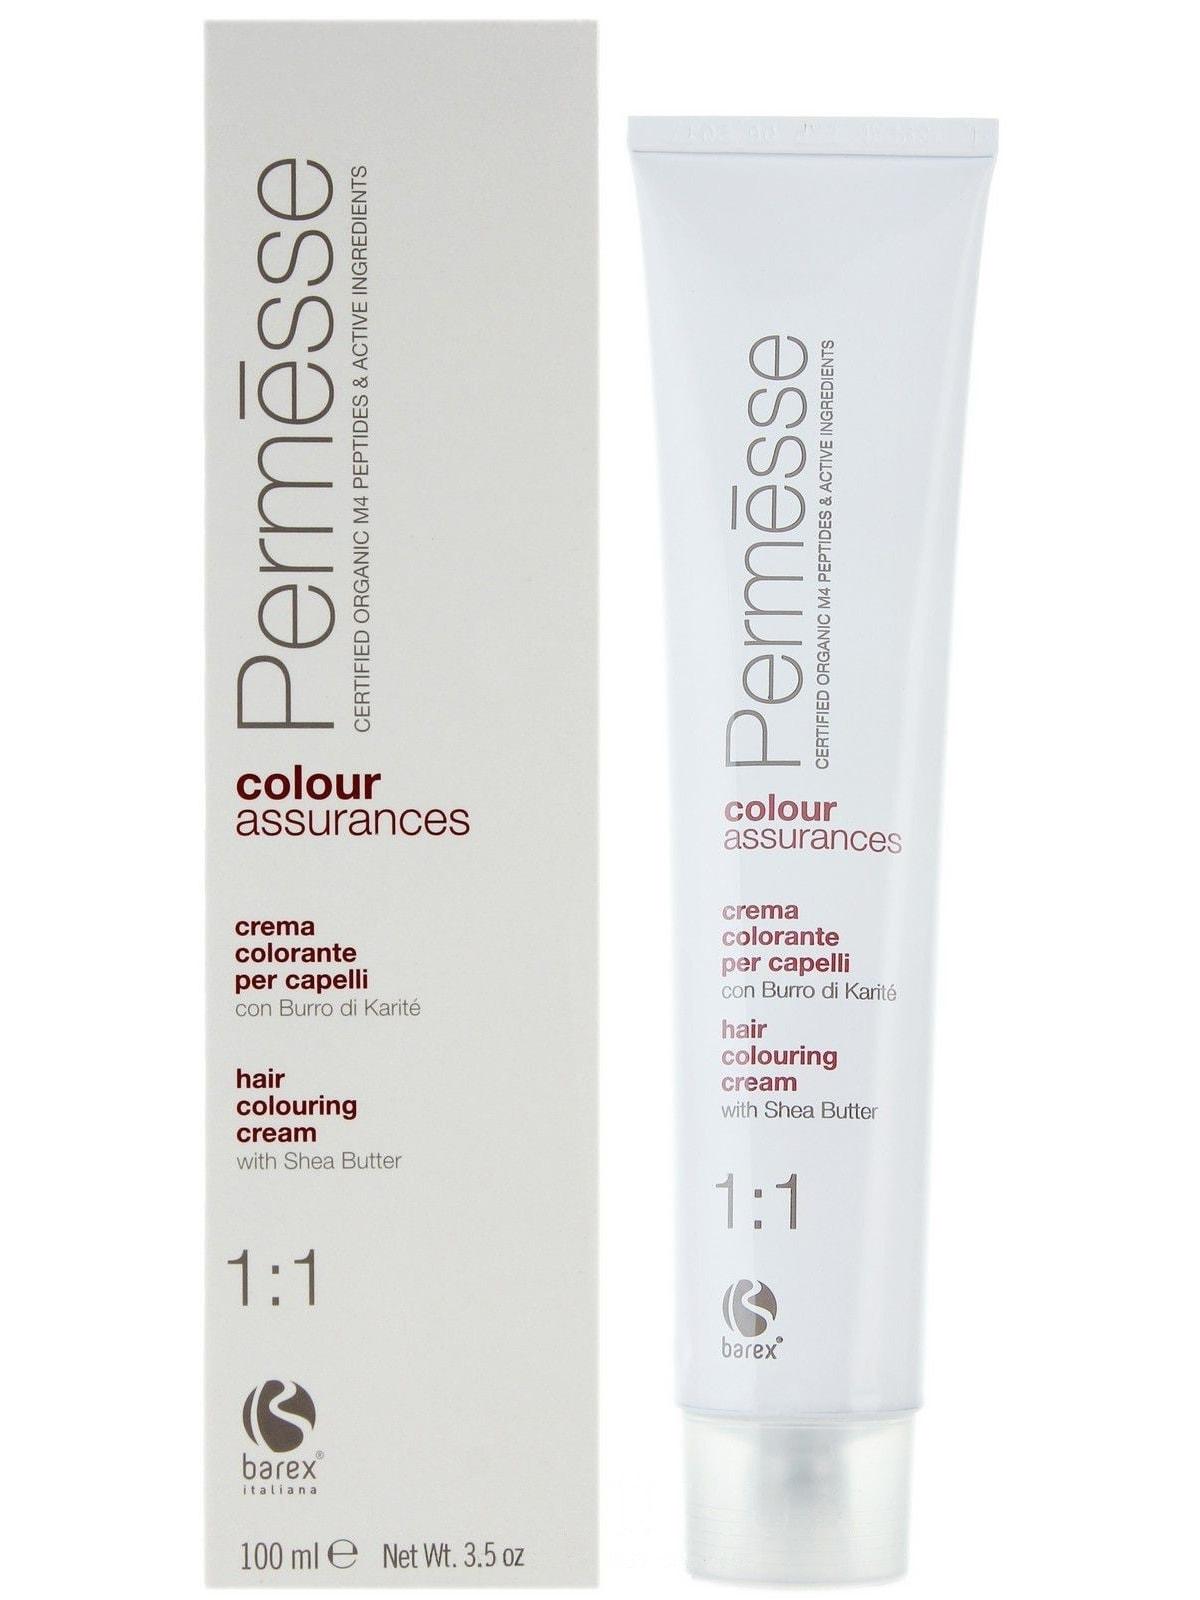 BAREX 7.73 краска для волос / PERMESSE 100мл barex 10 3 краска для волос permesse 100мл